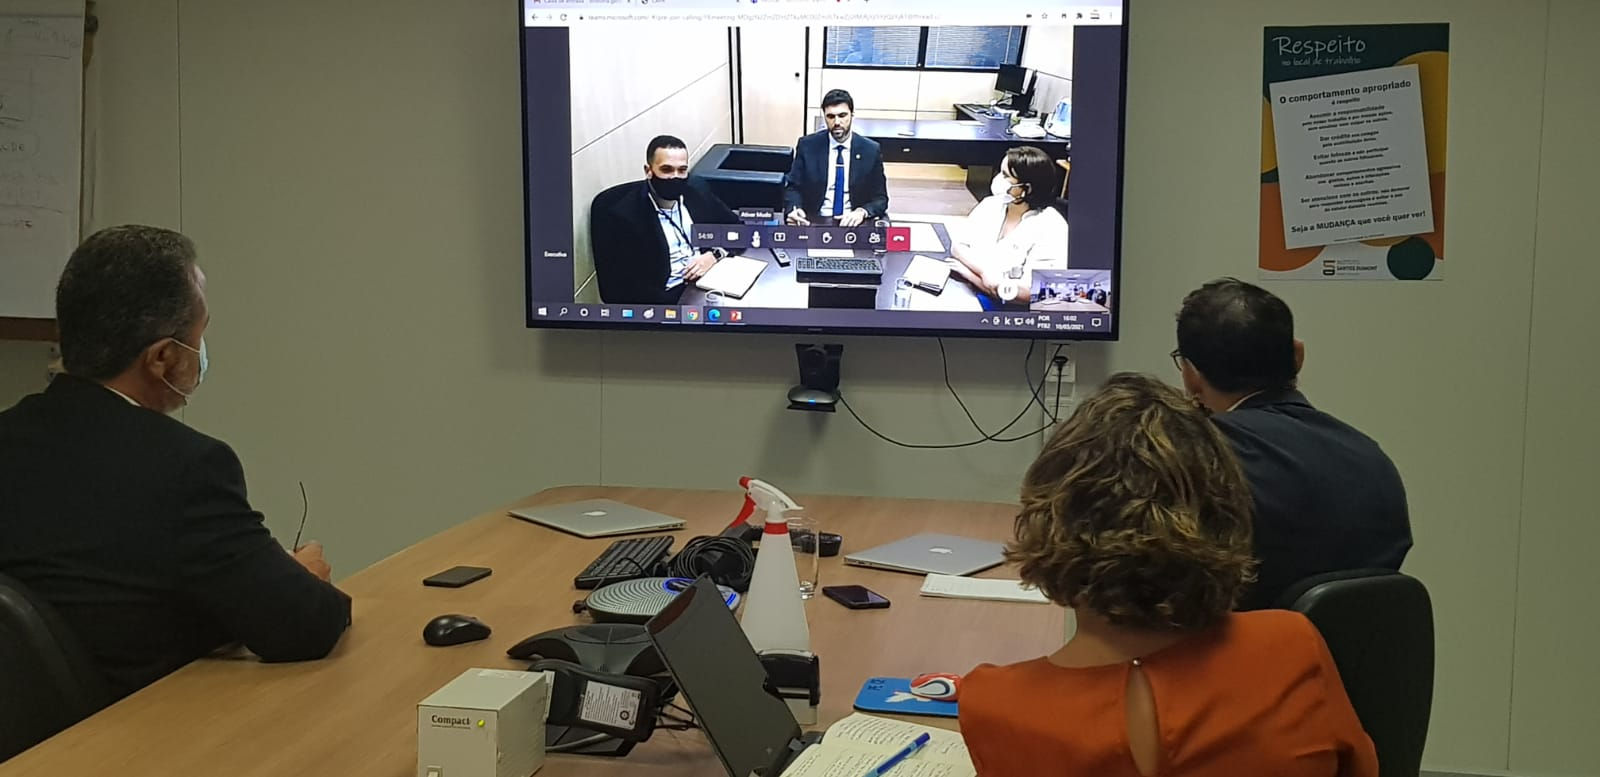 10.03.2021 - Dirigentes do ISD em videoconferência com o MEC para retomada das negociações sobre renovação do contrato (2)